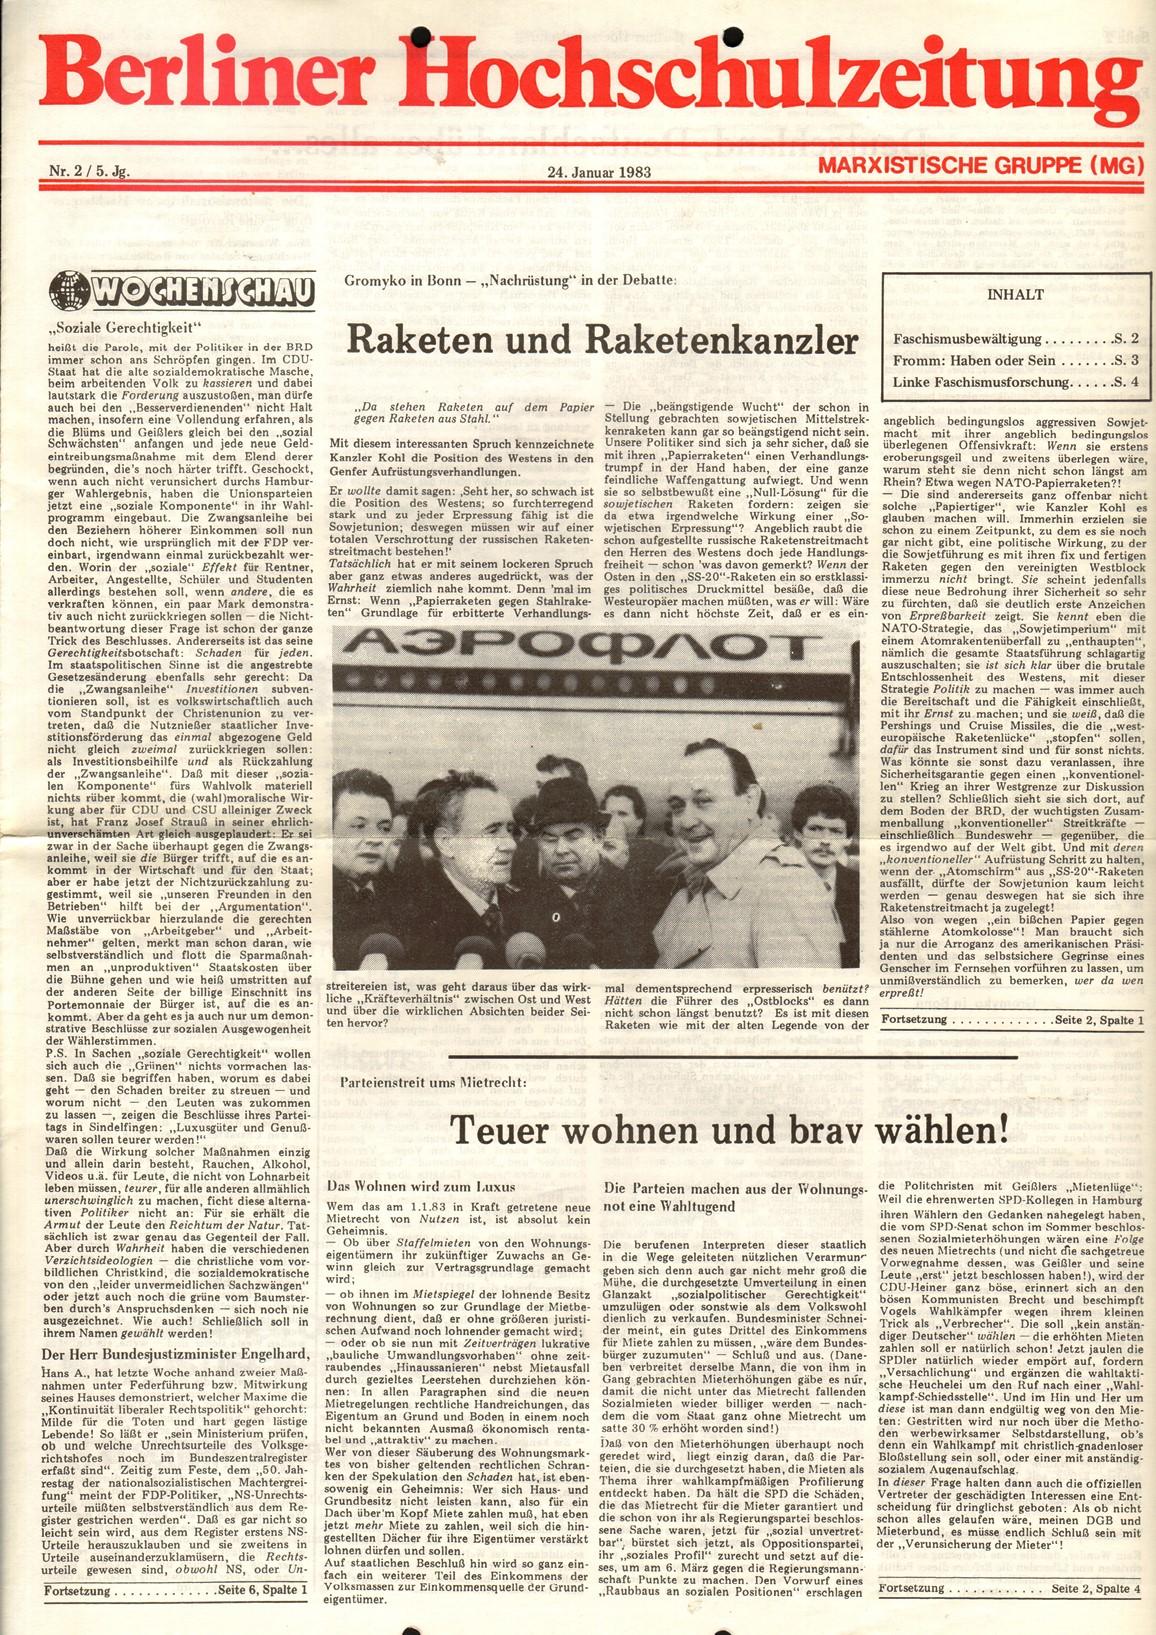 Berlin_MG_Hochschulzeitung_19830124_01